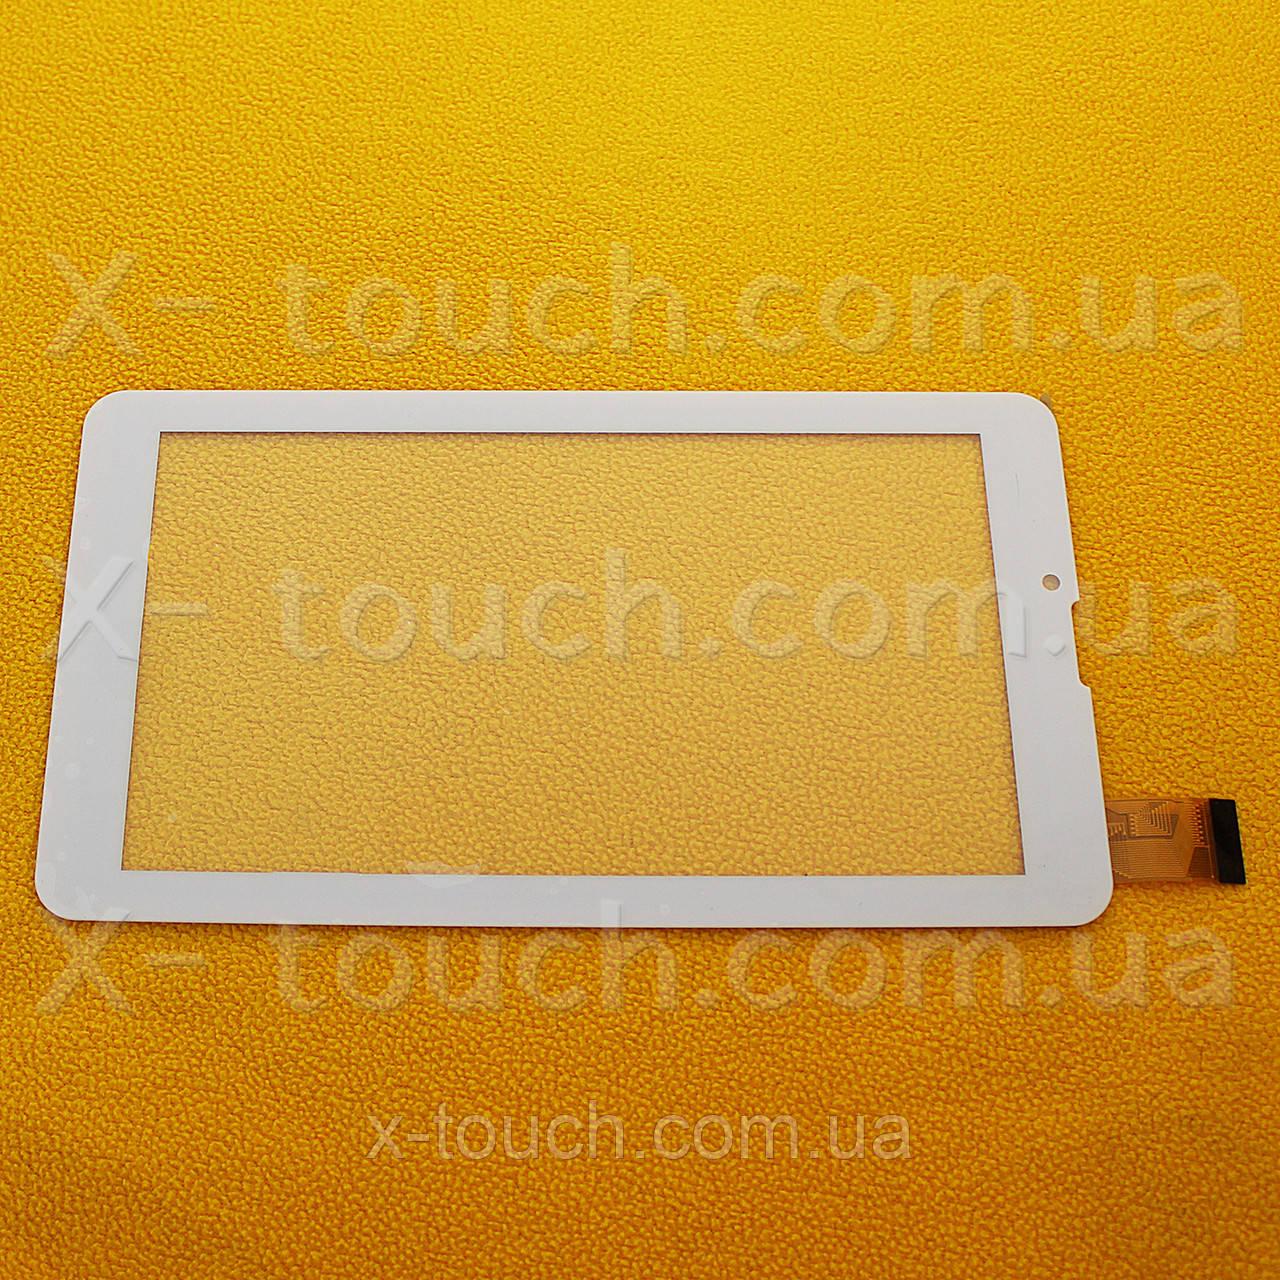 VTC5070A85-FPC-3.0 cенсор, тачскрин 7,0 дюймов, цвет белый